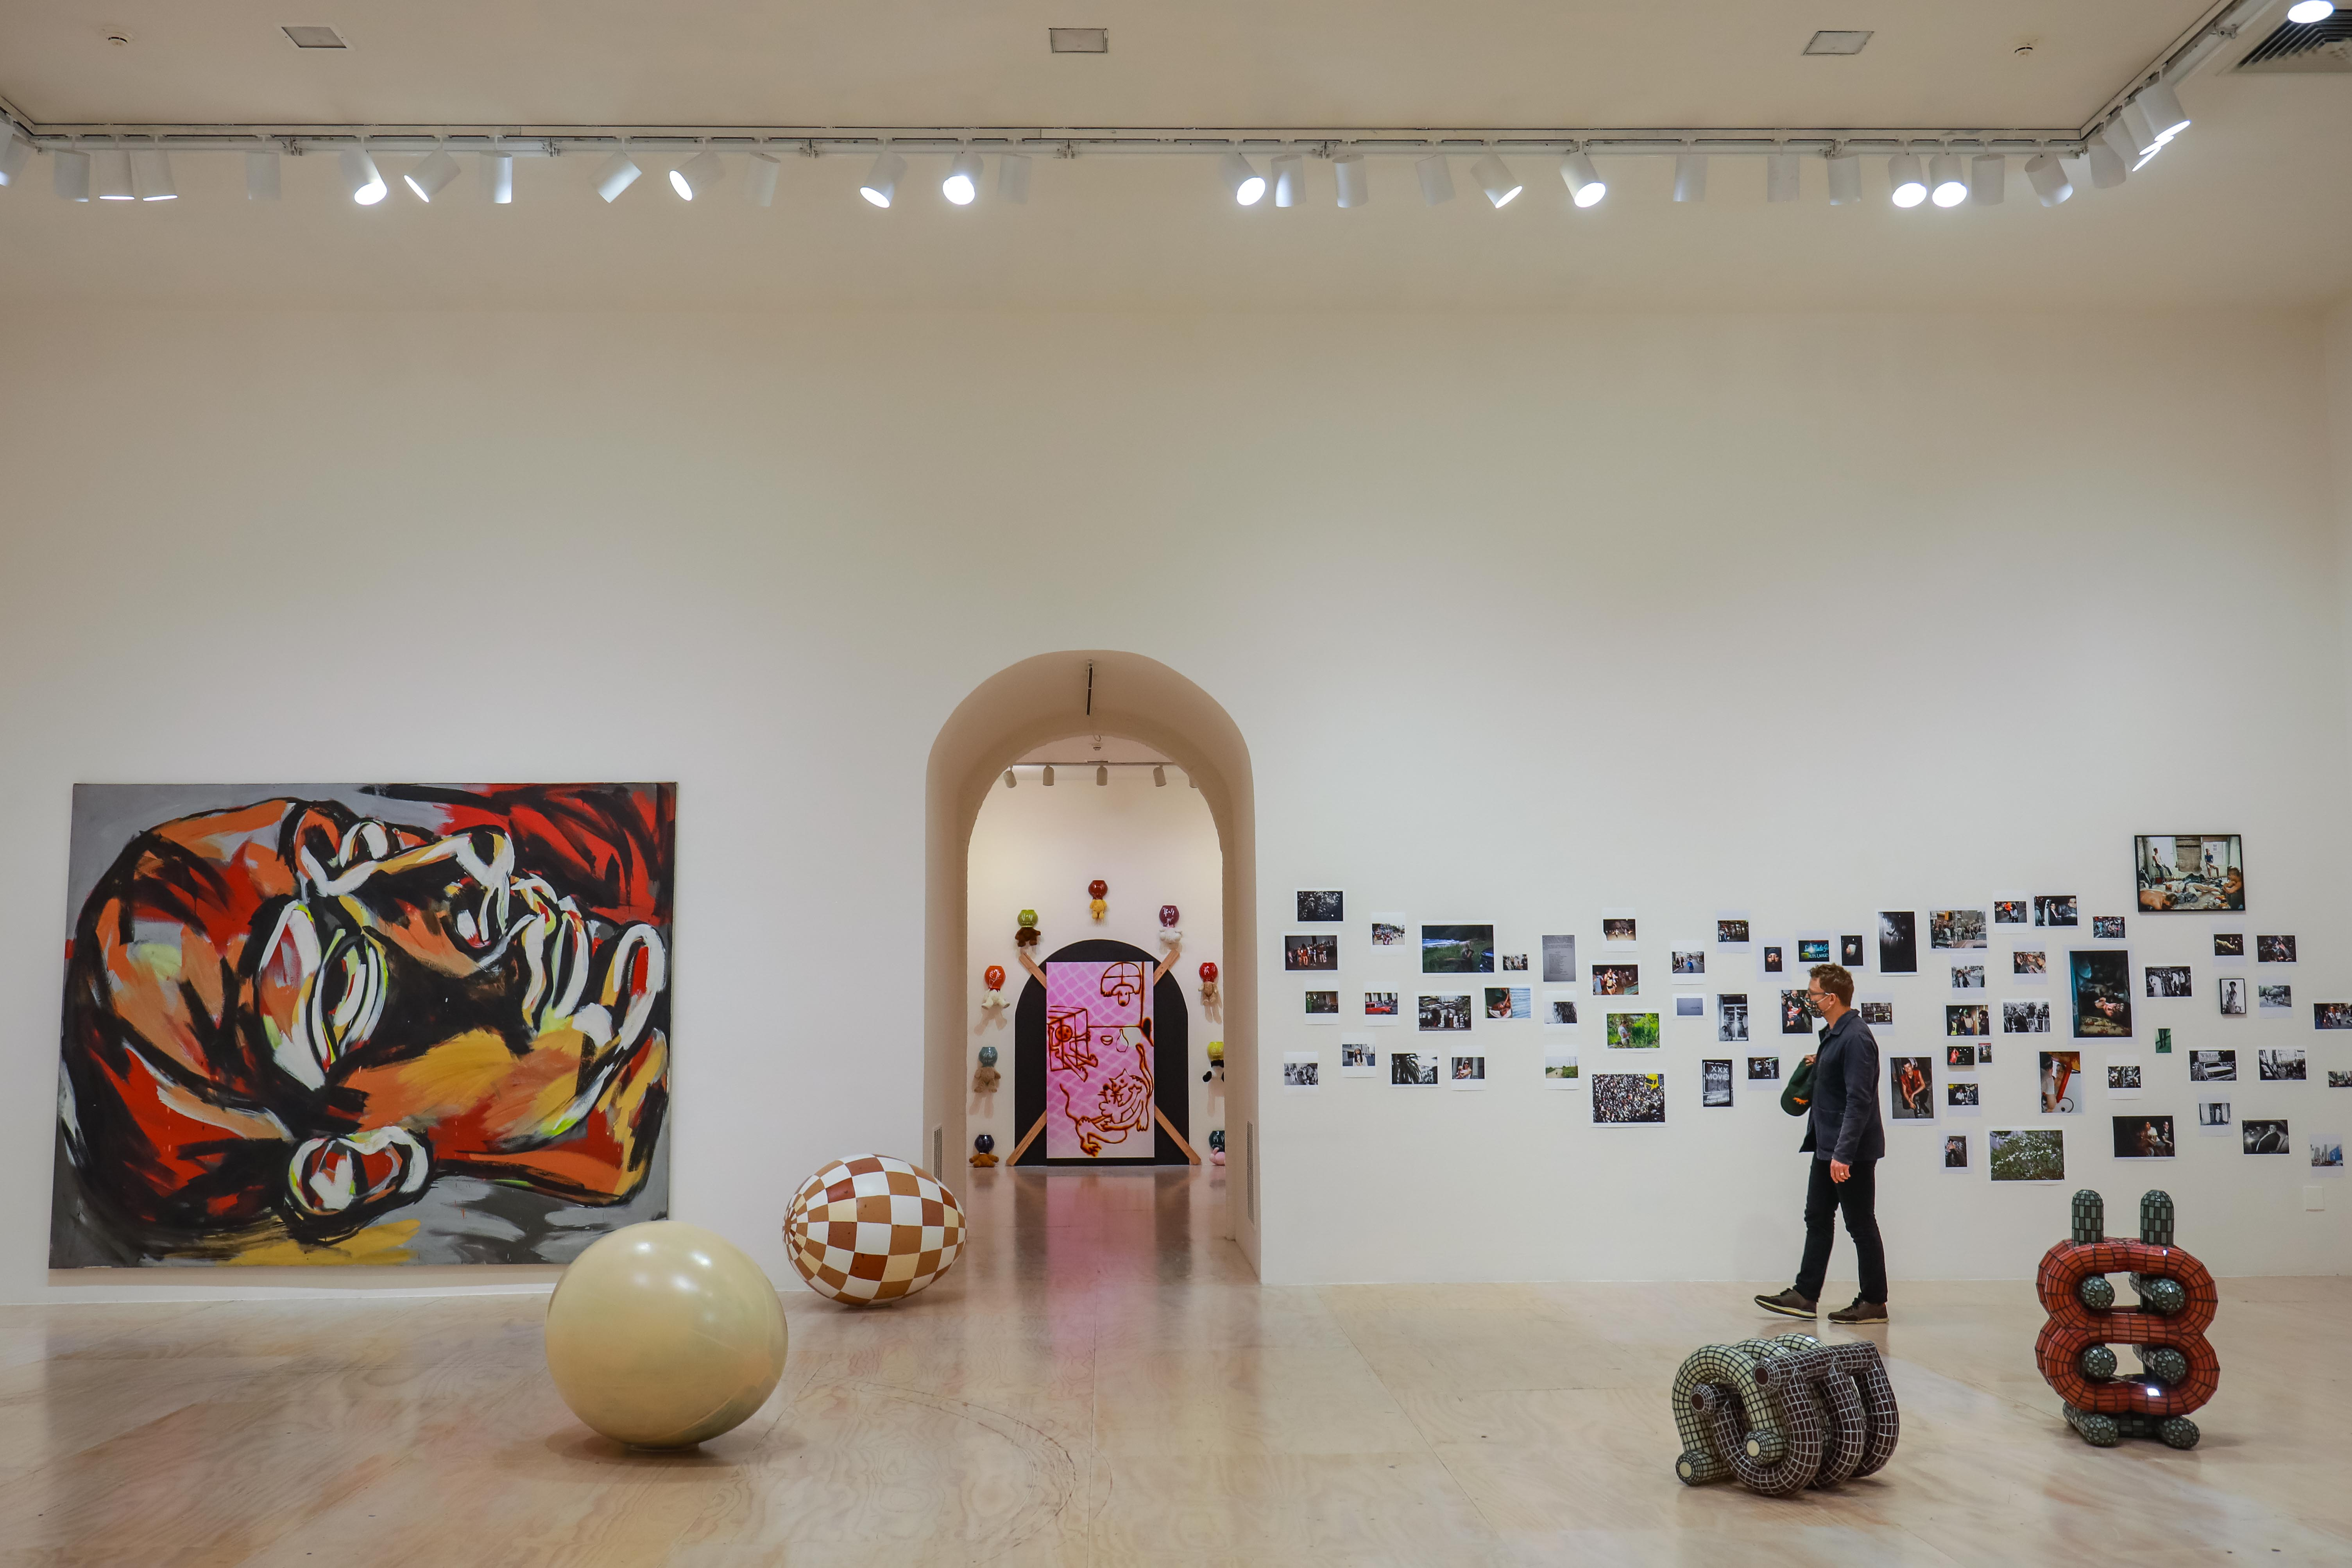 داخل نمایشگاه MoMA PS1 نیویورک بزرگ